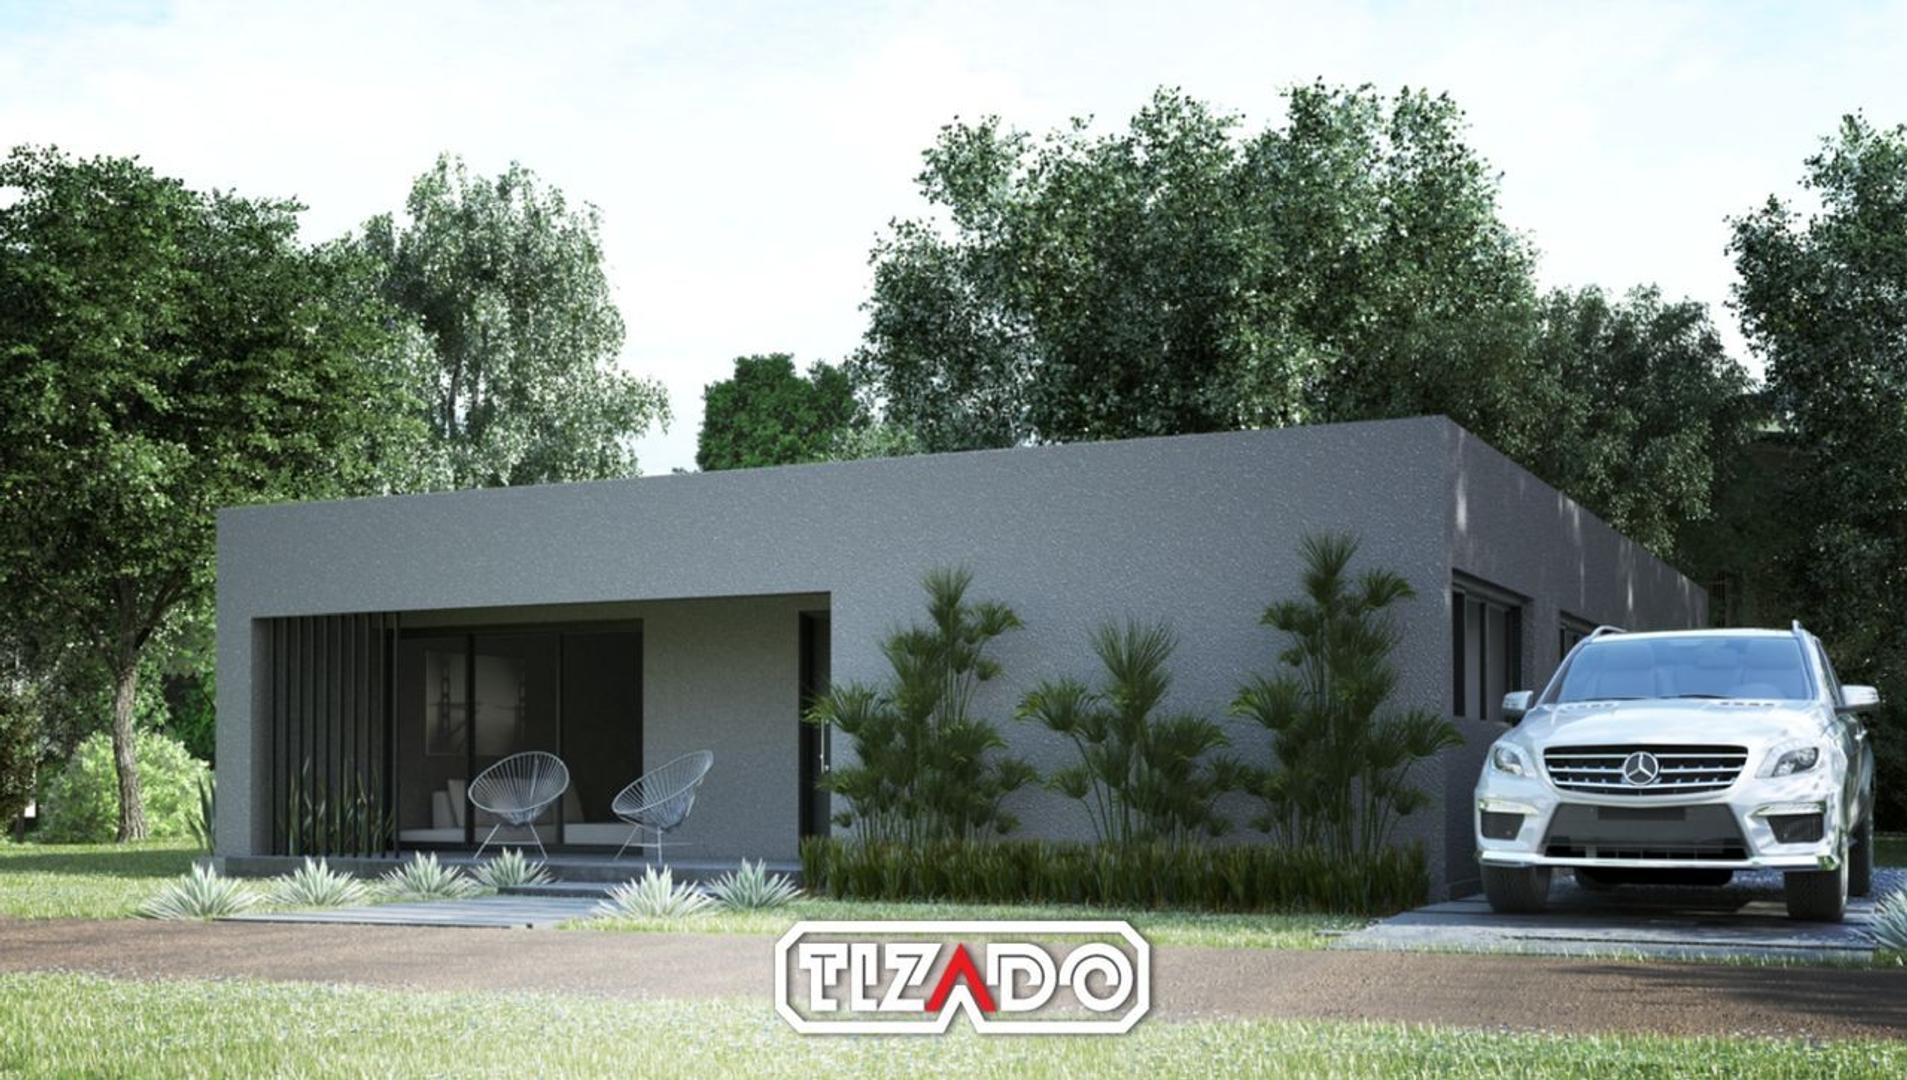 Casa  en Venta ubicado en La Cañada de Pilar, Pilar y Alrededores - PIL3826_LP169234_1